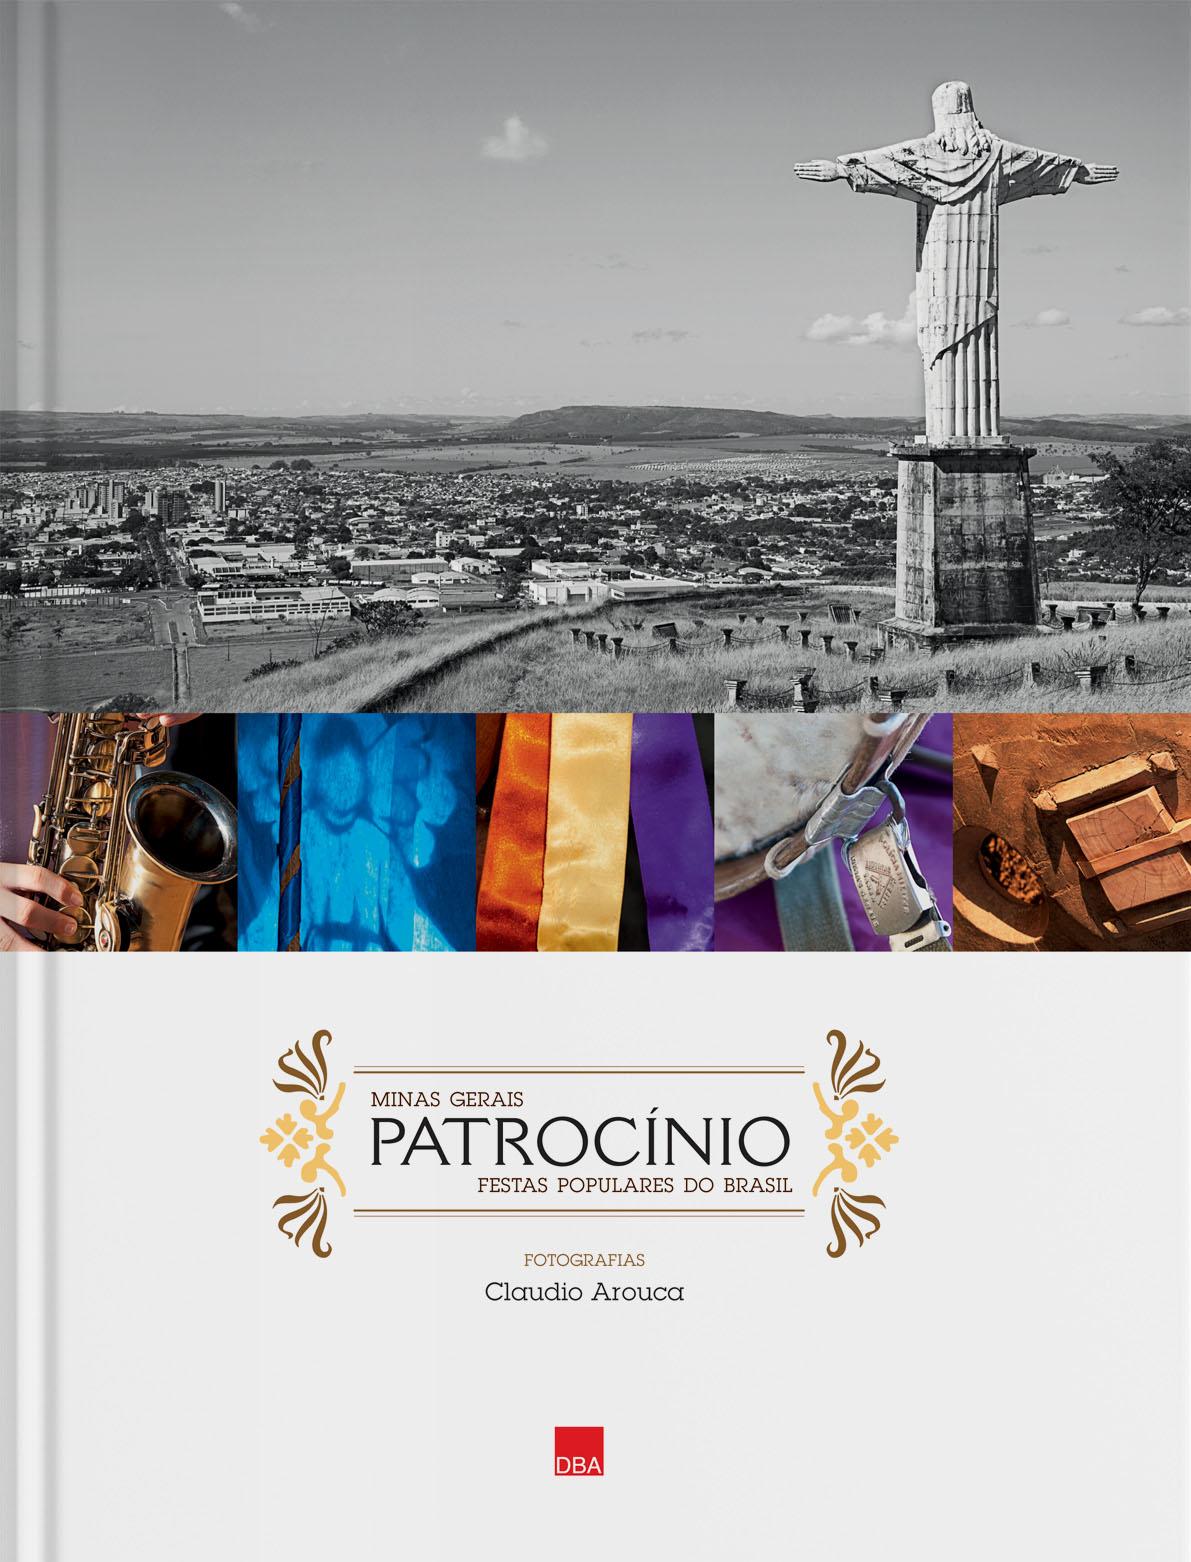 Patrocínio, Minas Gerais  Festas populares do Brasil